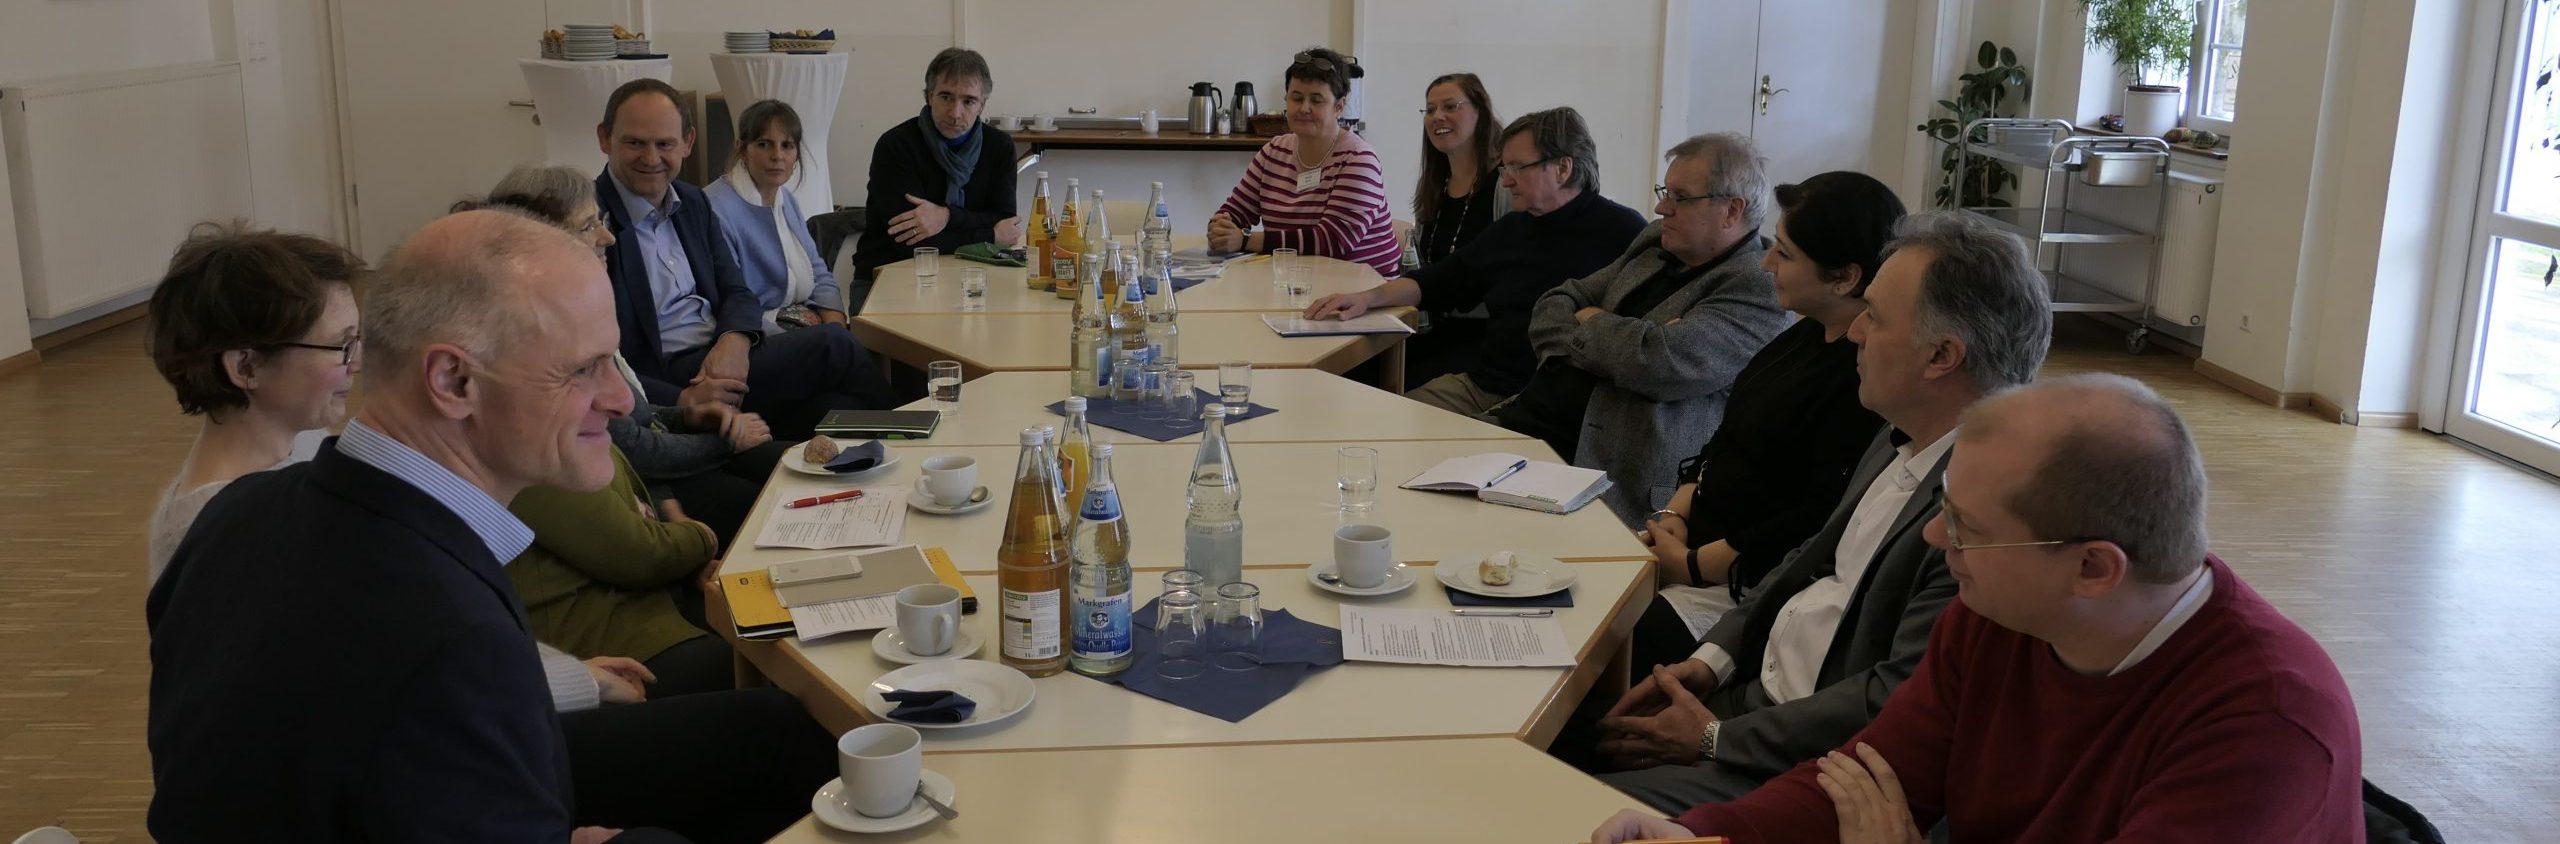 Josha Frey im Mehrgenerationenhaus in Friedlingen: